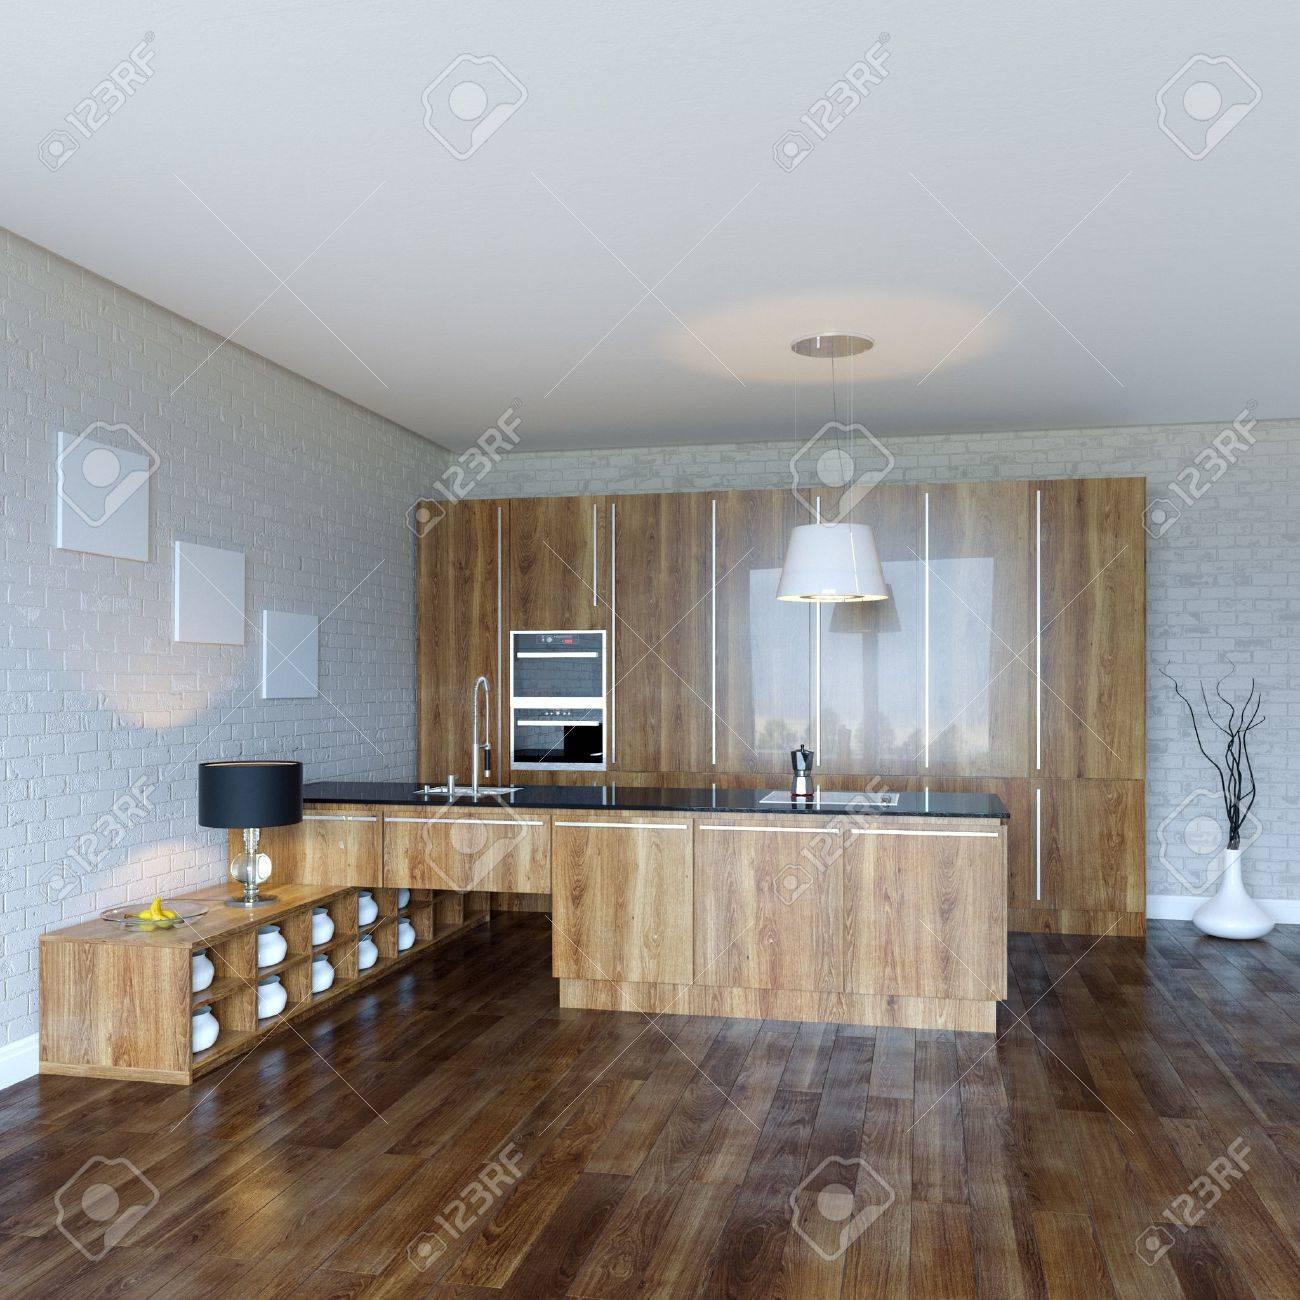 Luury Wooden Kitchen Cabinet - 21923223